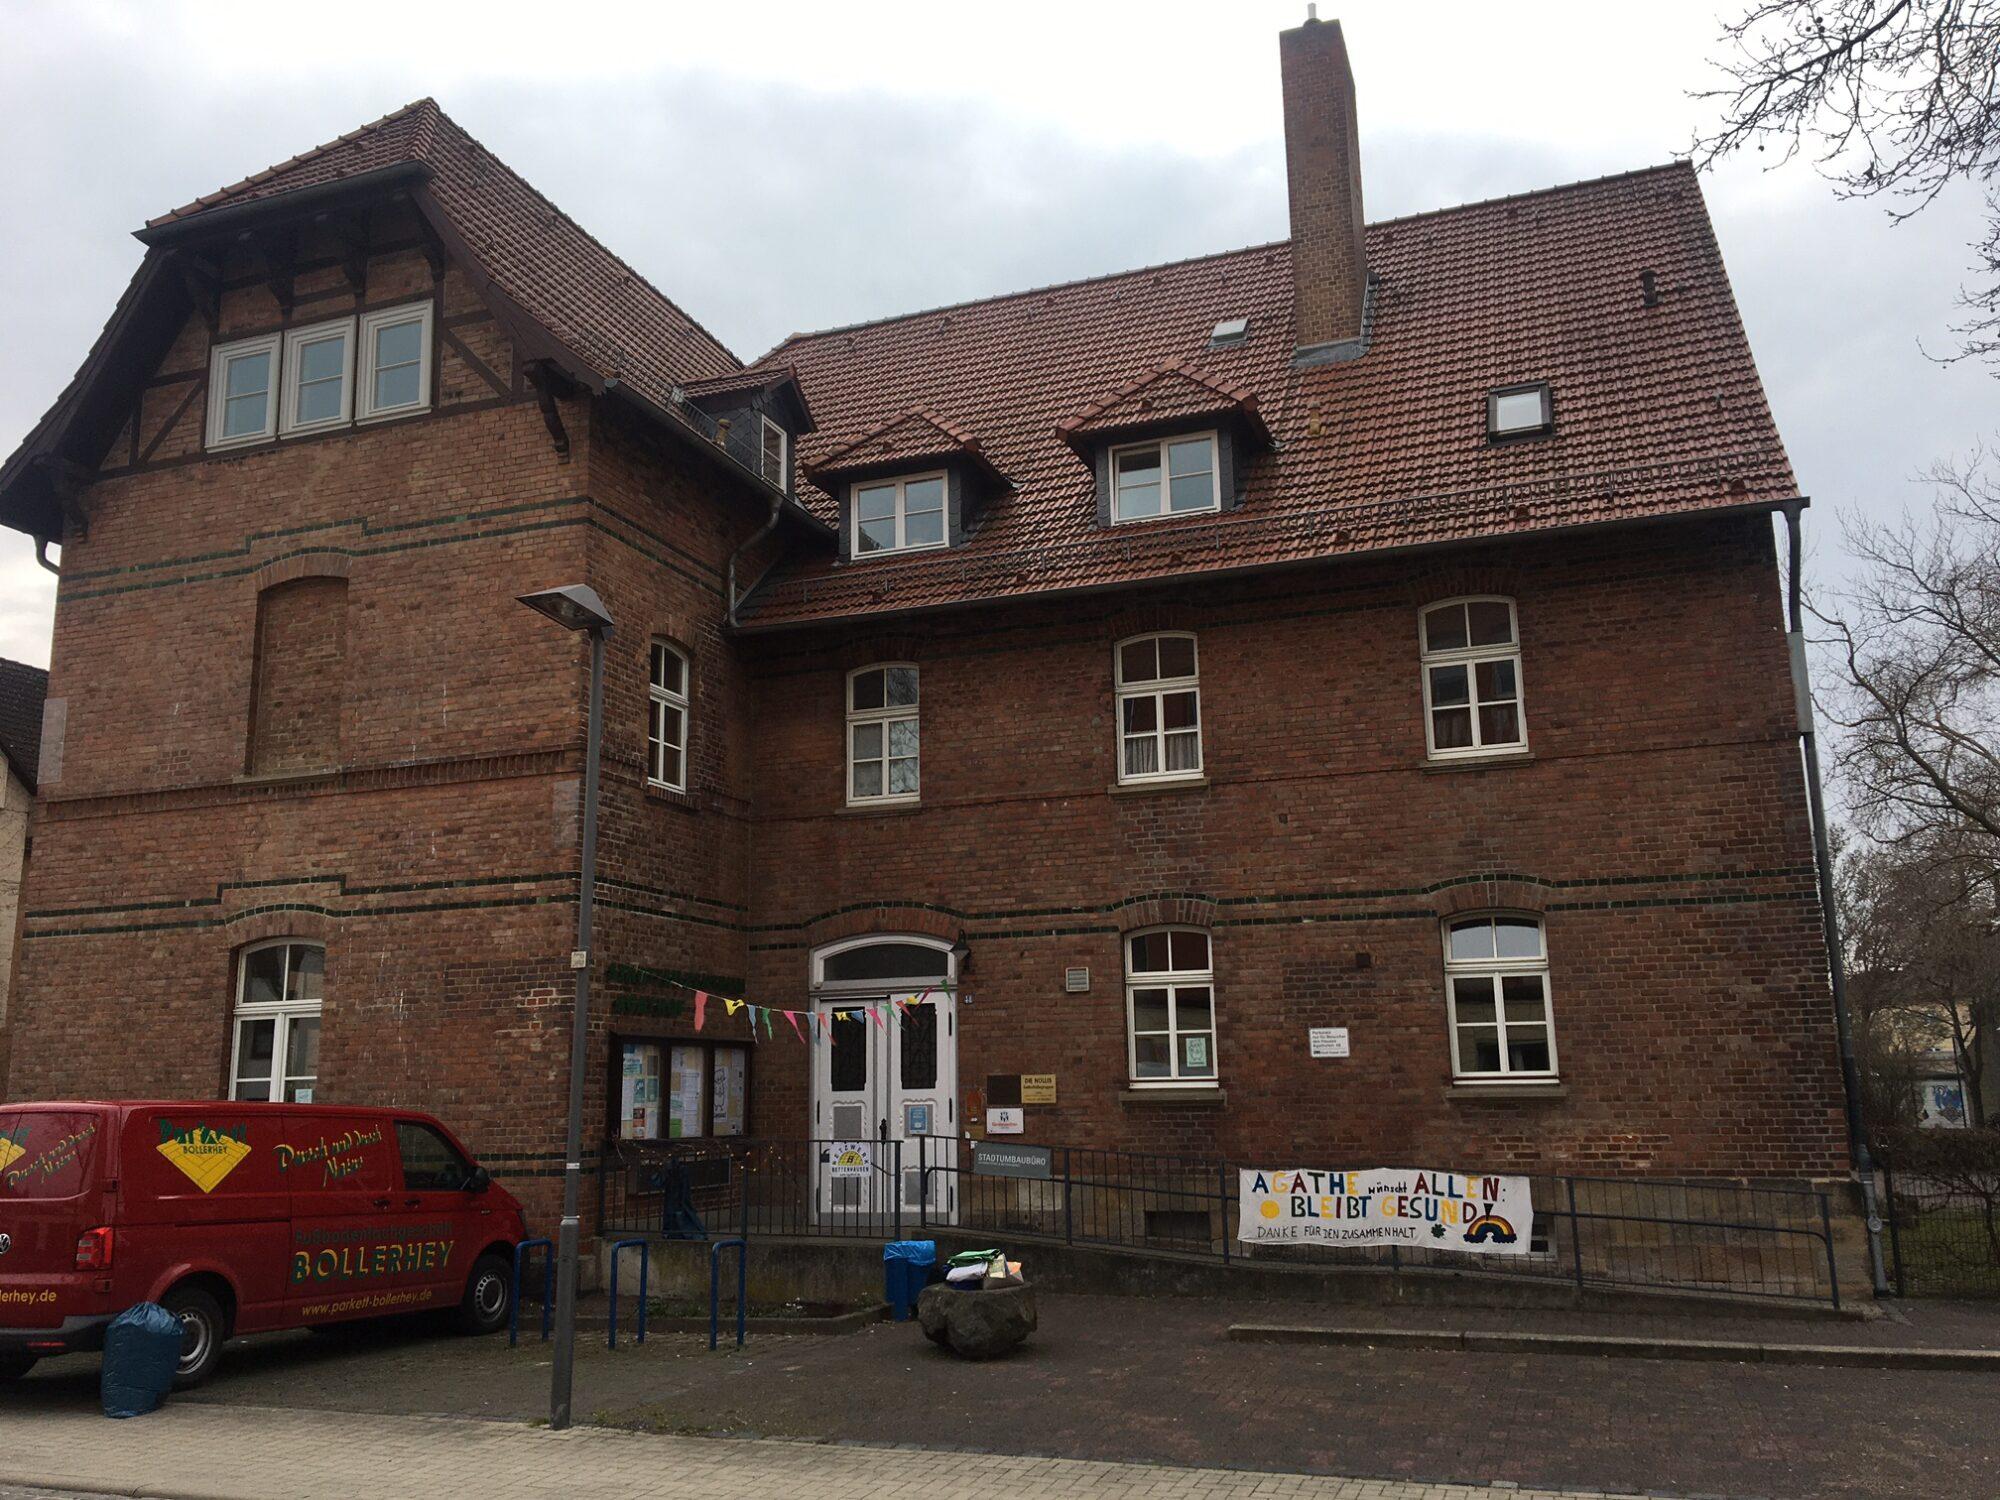 Das Kulturzentrum Agathof in Kassel-Bettenhausen. Foto: Christian Saehrendt 2021.